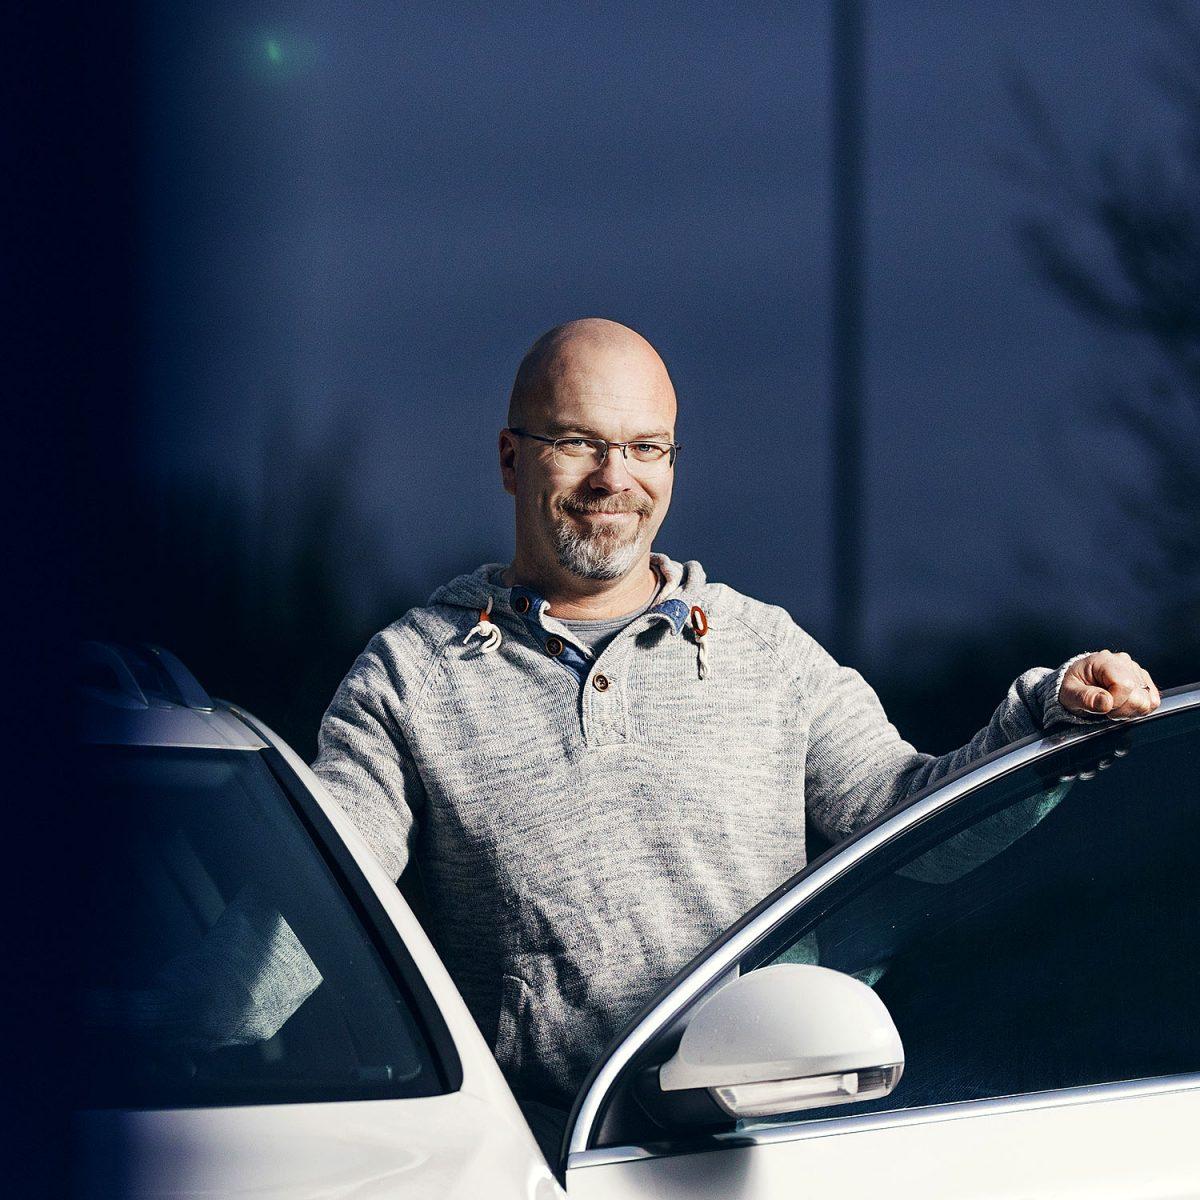 Millä ajaa huomenna – autoilun uudet aatteet hakevat ratkaisuja ilmastonmuutoksen torjuntaan